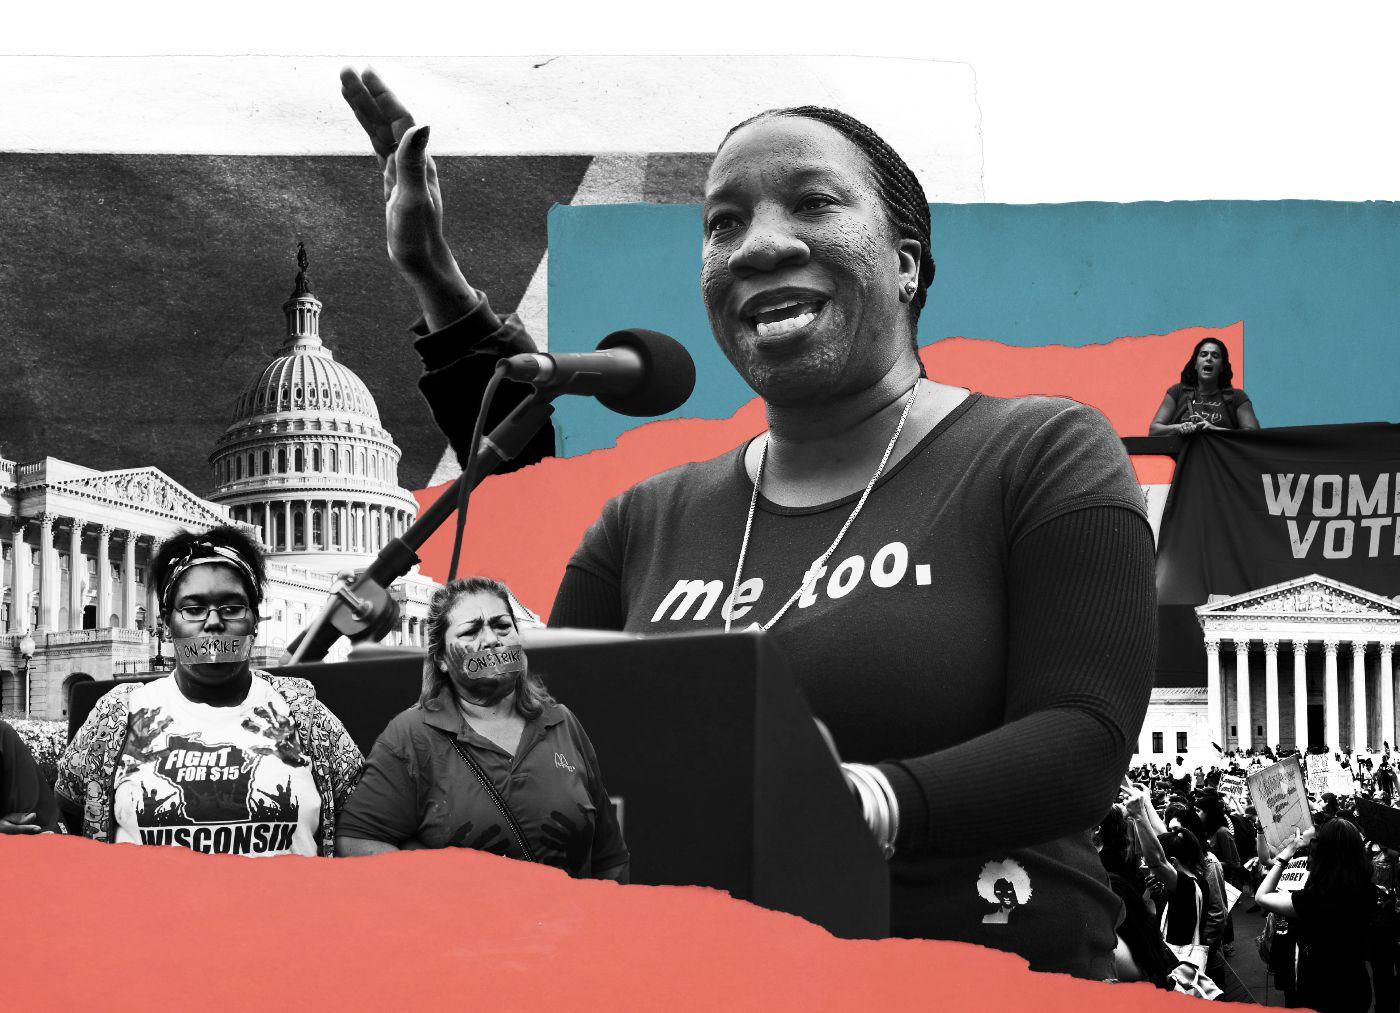 زنی که #من-هم را ۱۰ سال پیش ساخت، از قدرت آن باخبر بود